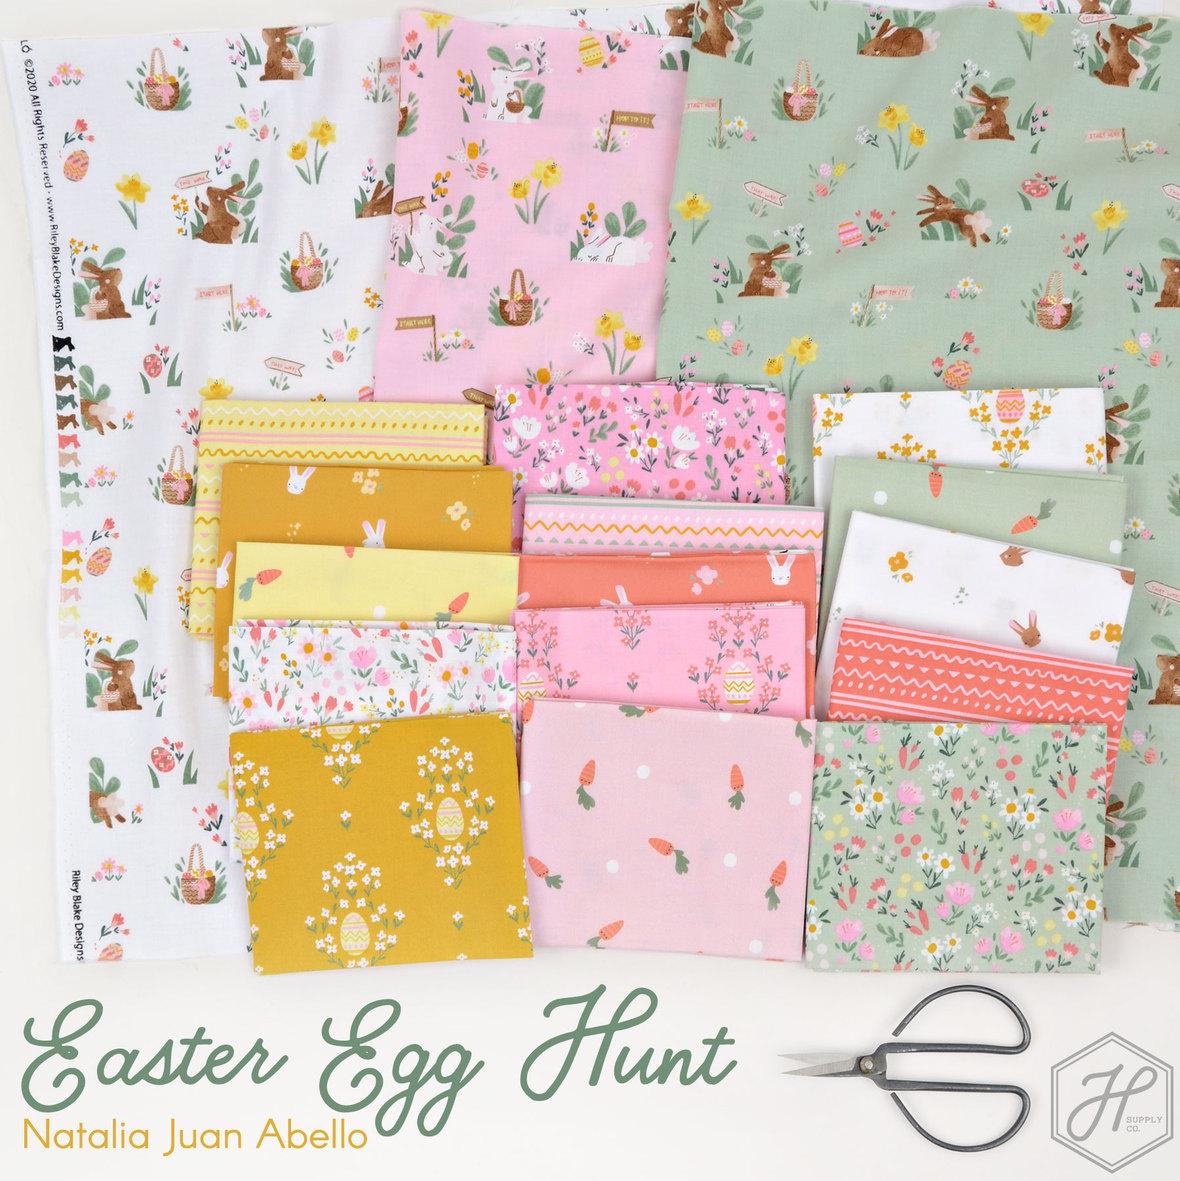 Easter-Egg-Hunt-Fabric-Natalia-Juan-Abello-for-Riley-Blake-at-Hawthorne-Supply-Co